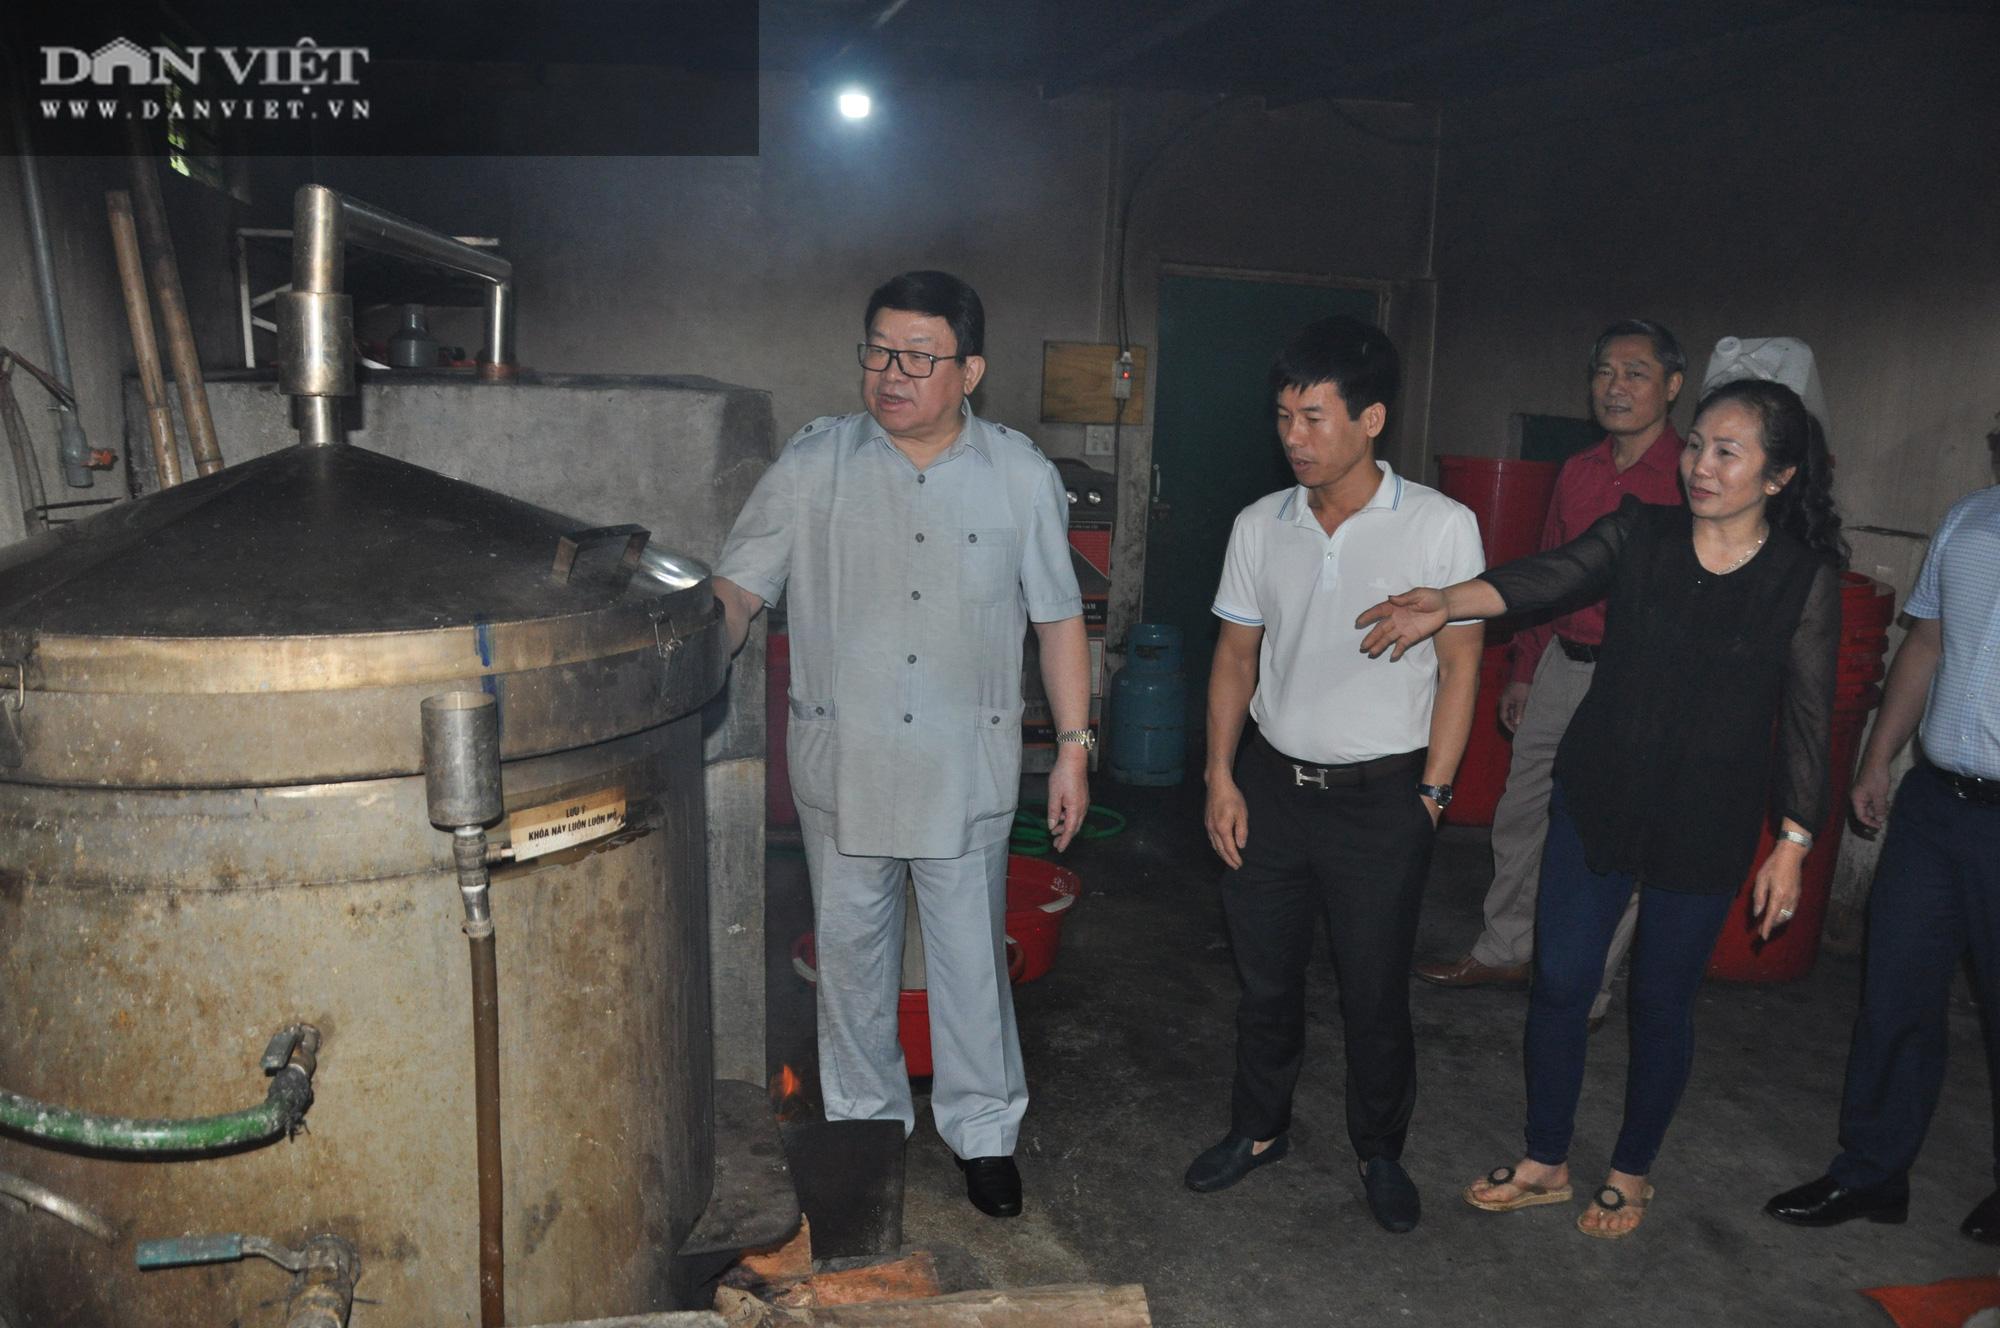 Đại trang trại cá quý tộc trên Cổng Trời mới được Chủ tịch Hội Nông dân Việt Nam đến thăm có gì đặc biệt? - Ảnh 6.